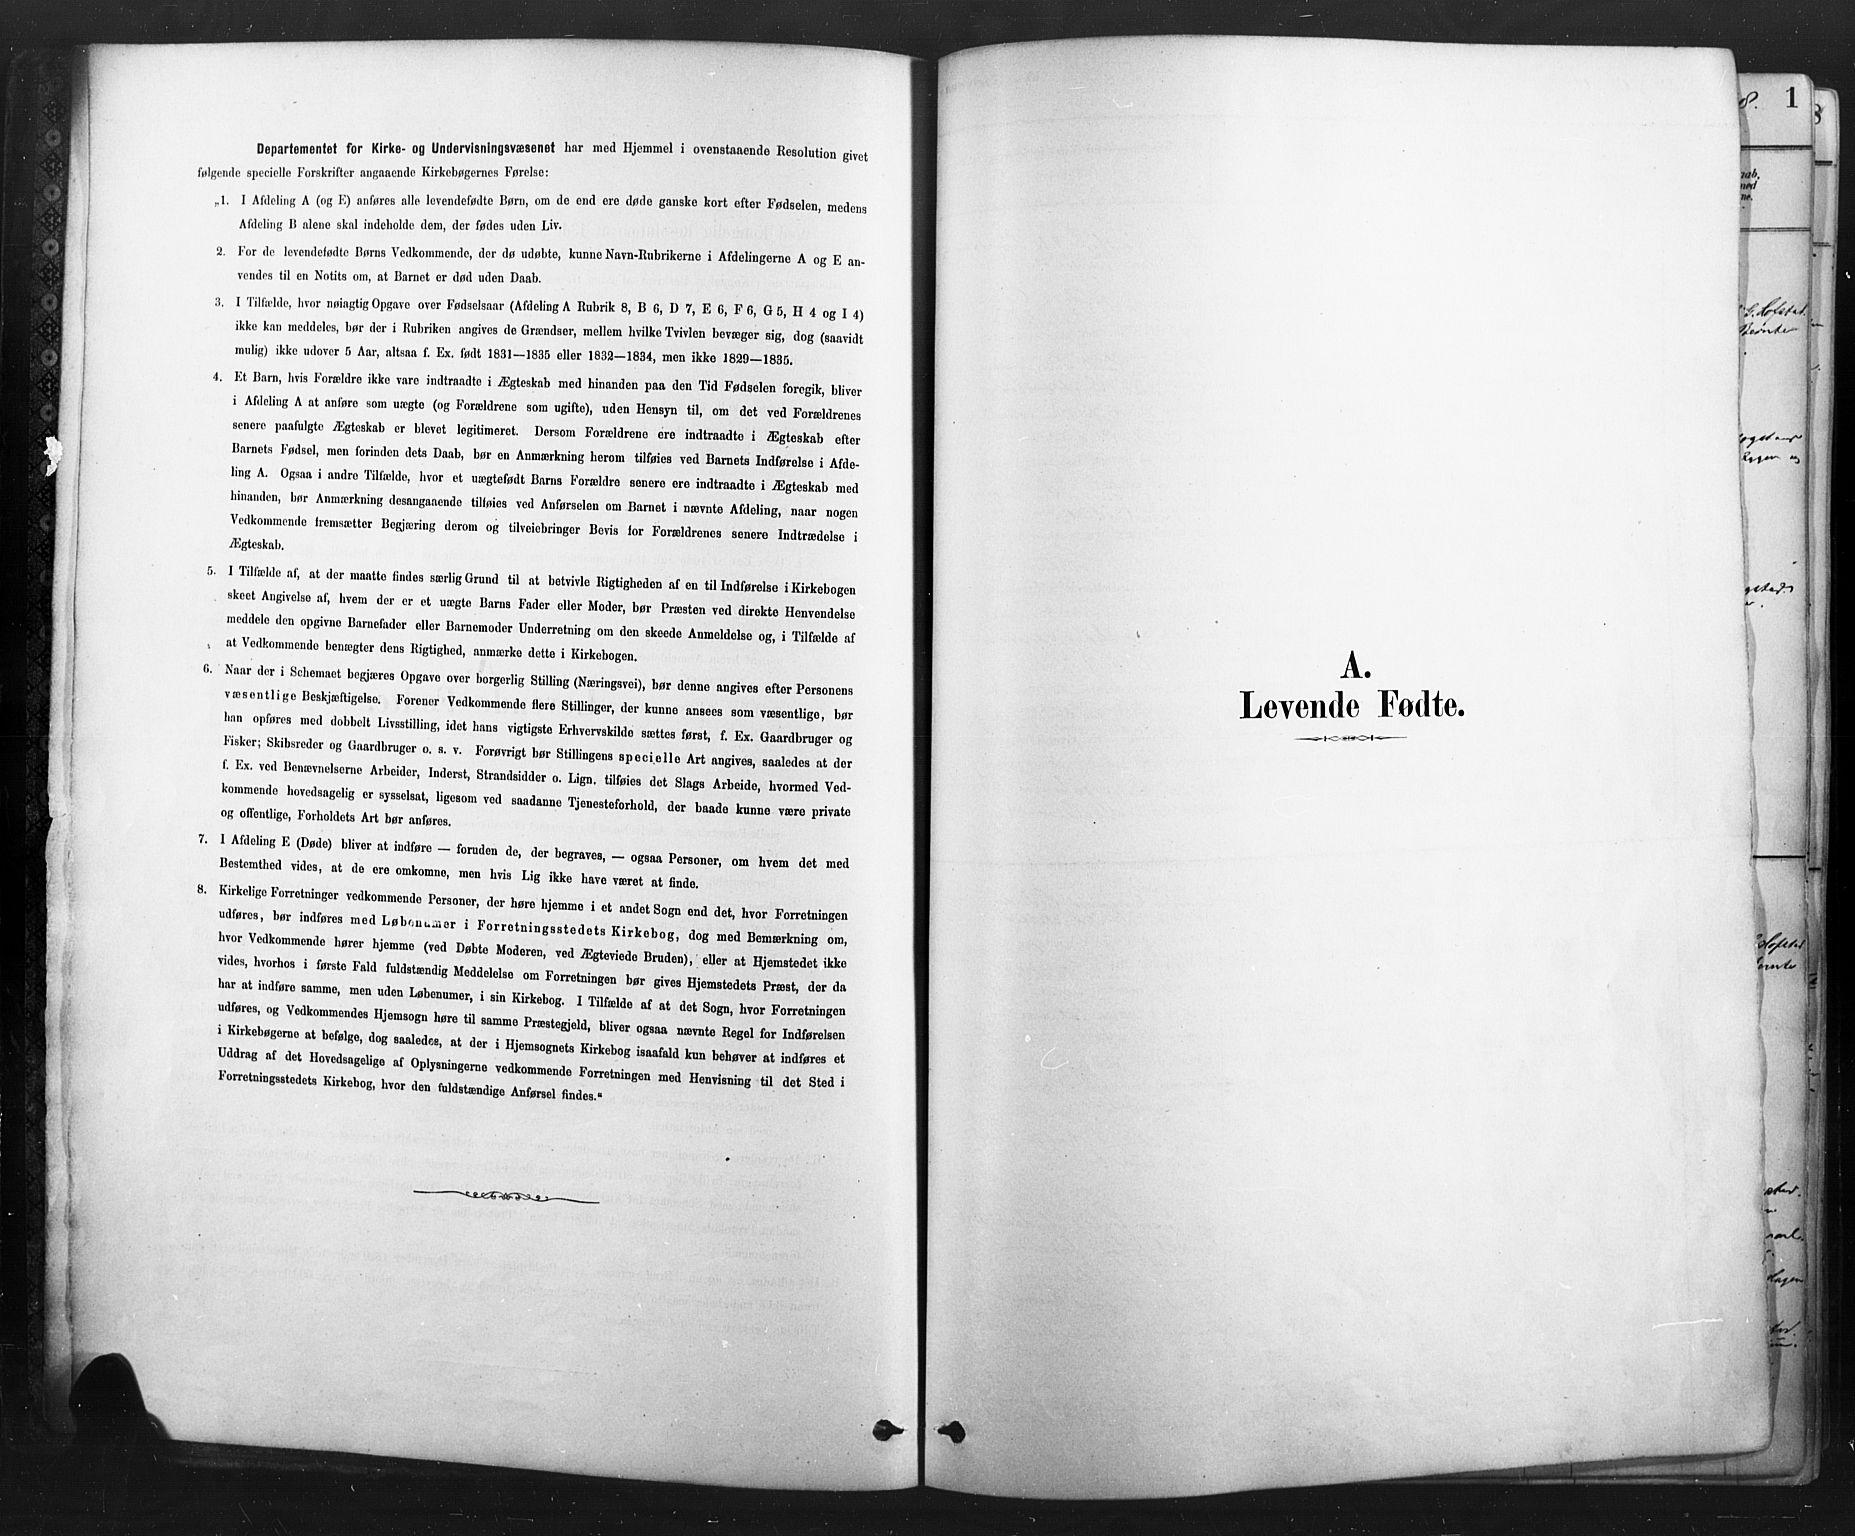 SAH, Rendalen prestekontor, H/Ha/Haa/L0010: Ministerialbok nr. 10, 1878-1901